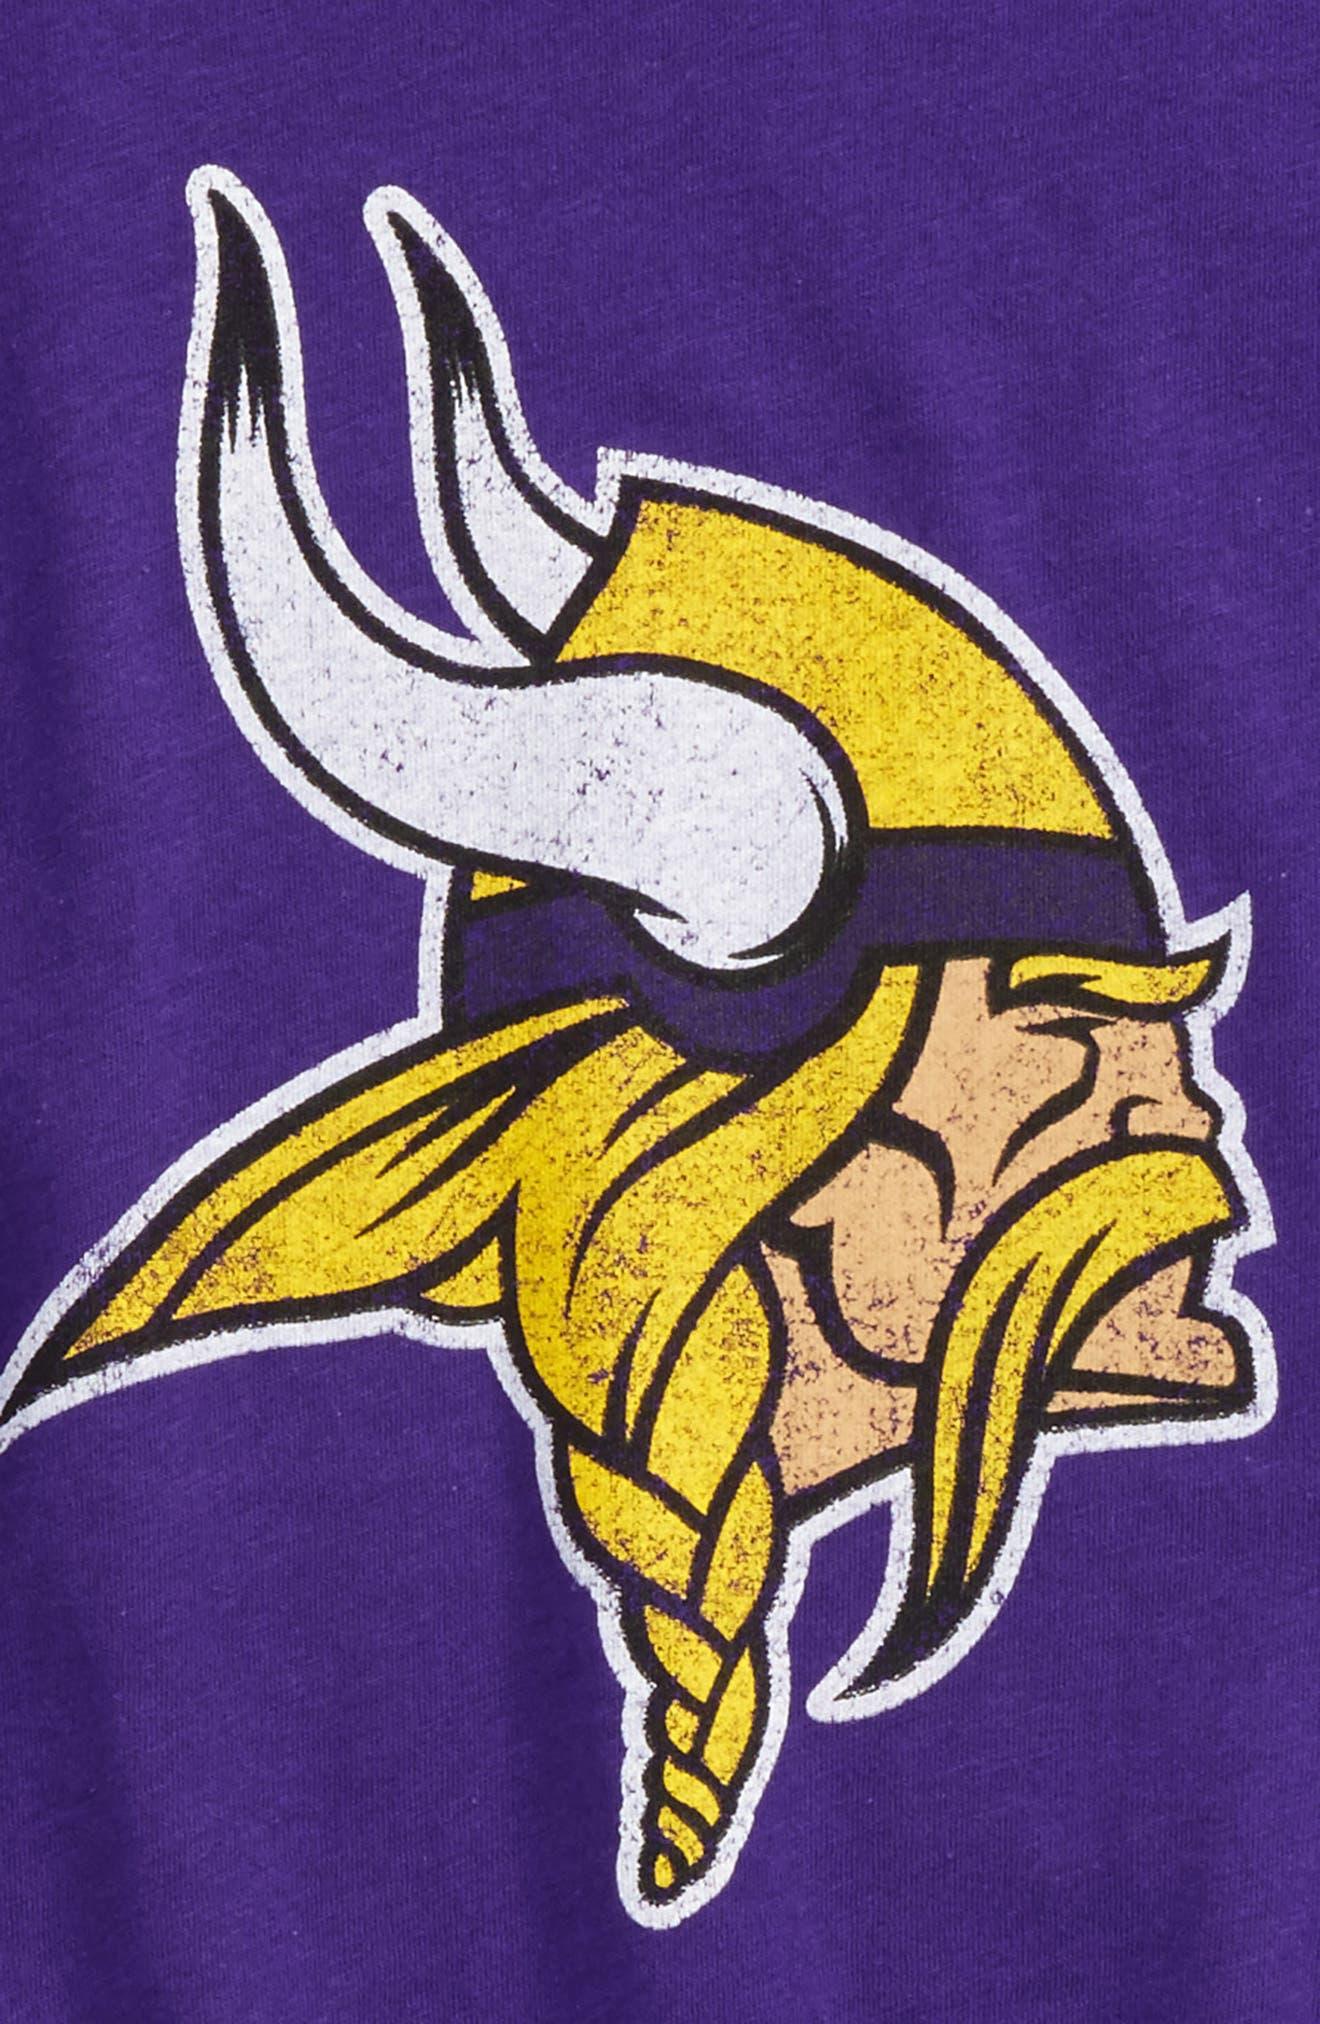 NFL Minnesota Vikings Distressed Graphic T-Shirt,                             Alternate thumbnail 2, color,                             500